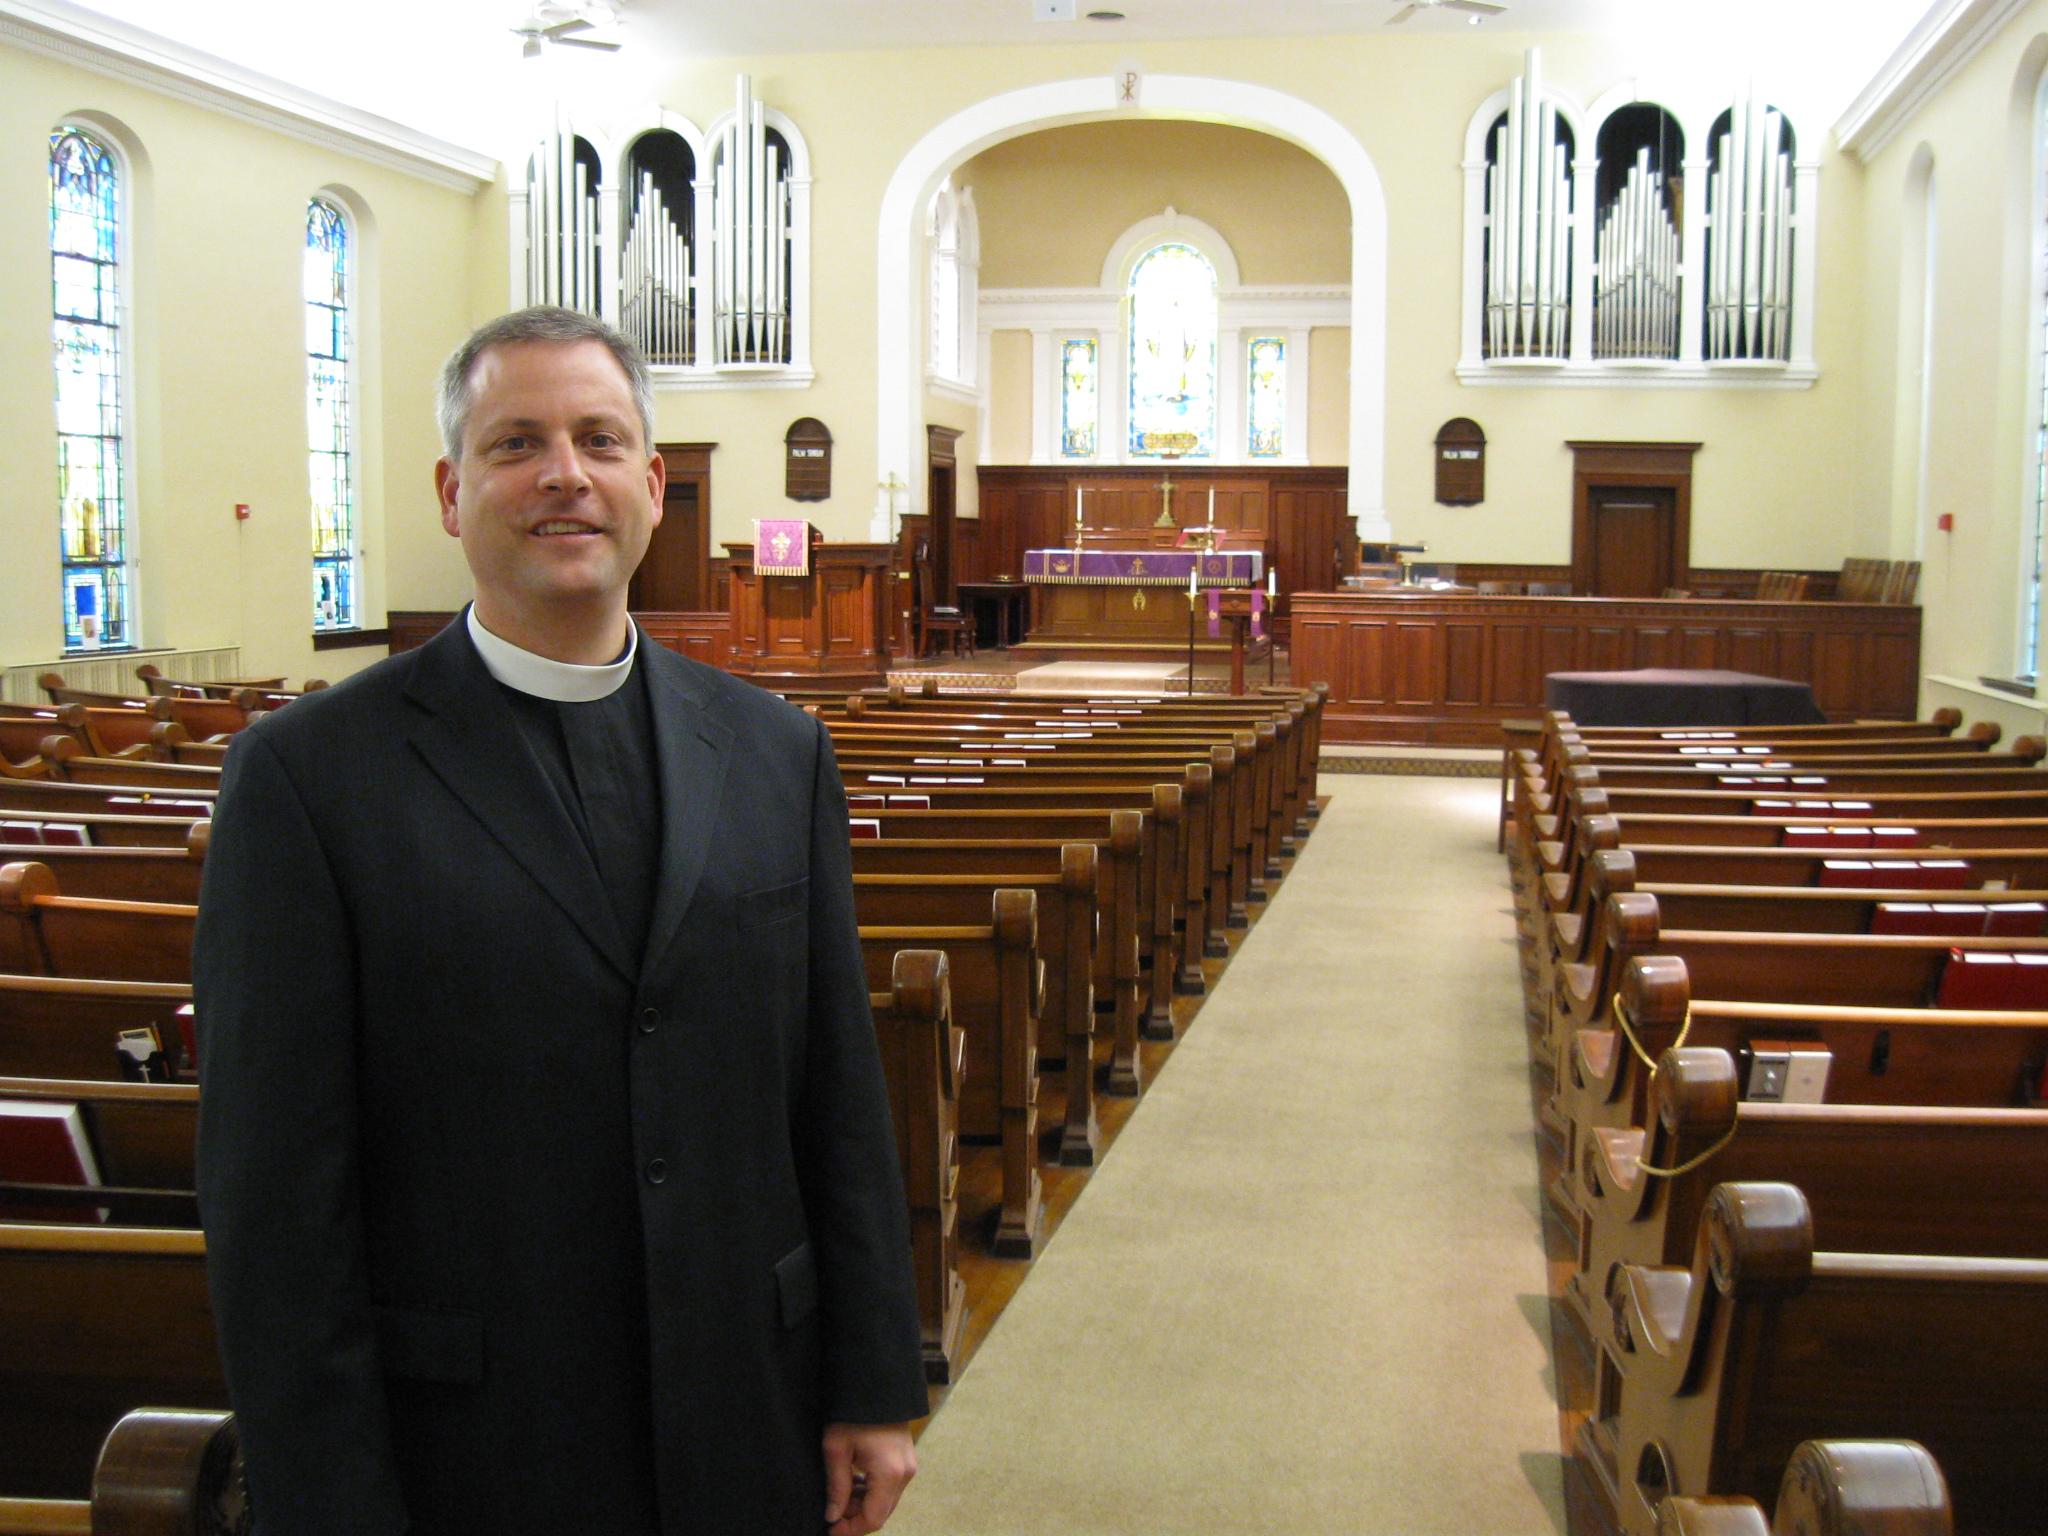 Gettysburg's Christ Lutheran Church Part 2 | Gettysburg Daily